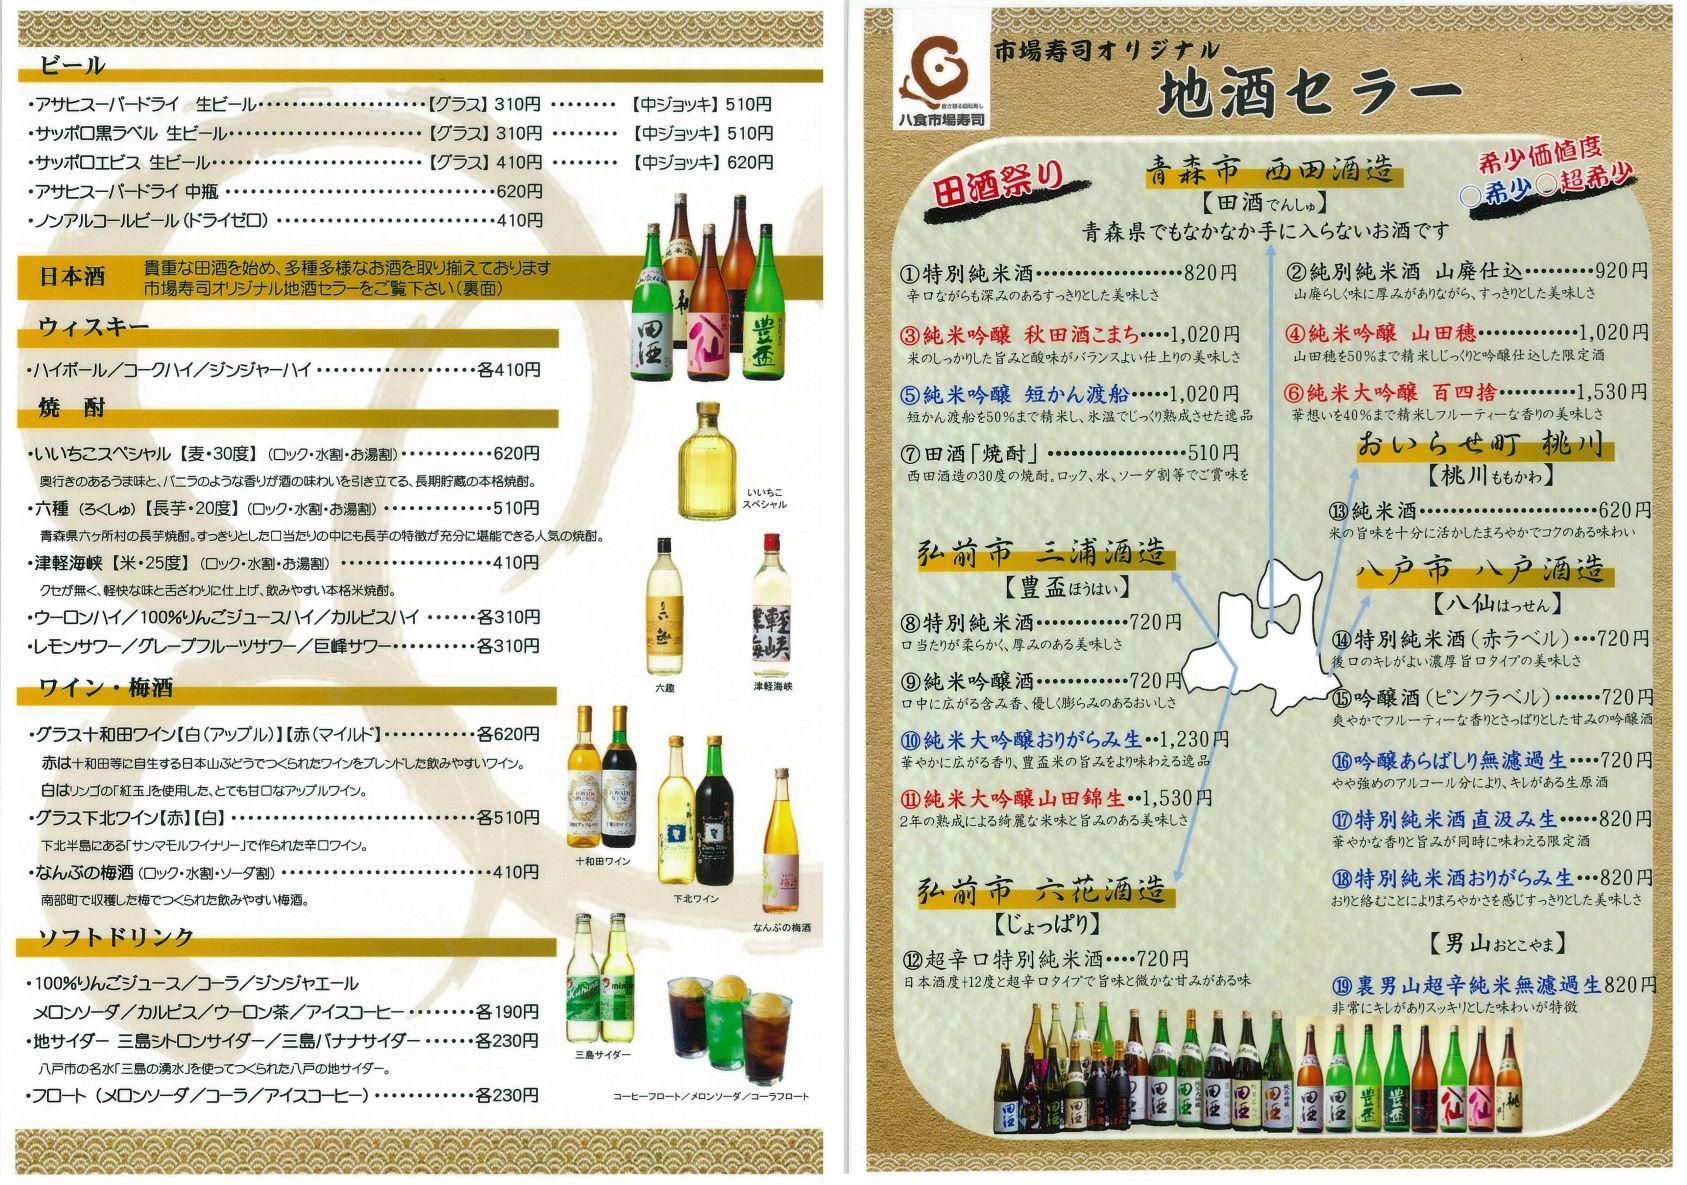 アルコール充実!満足いく品揃え!